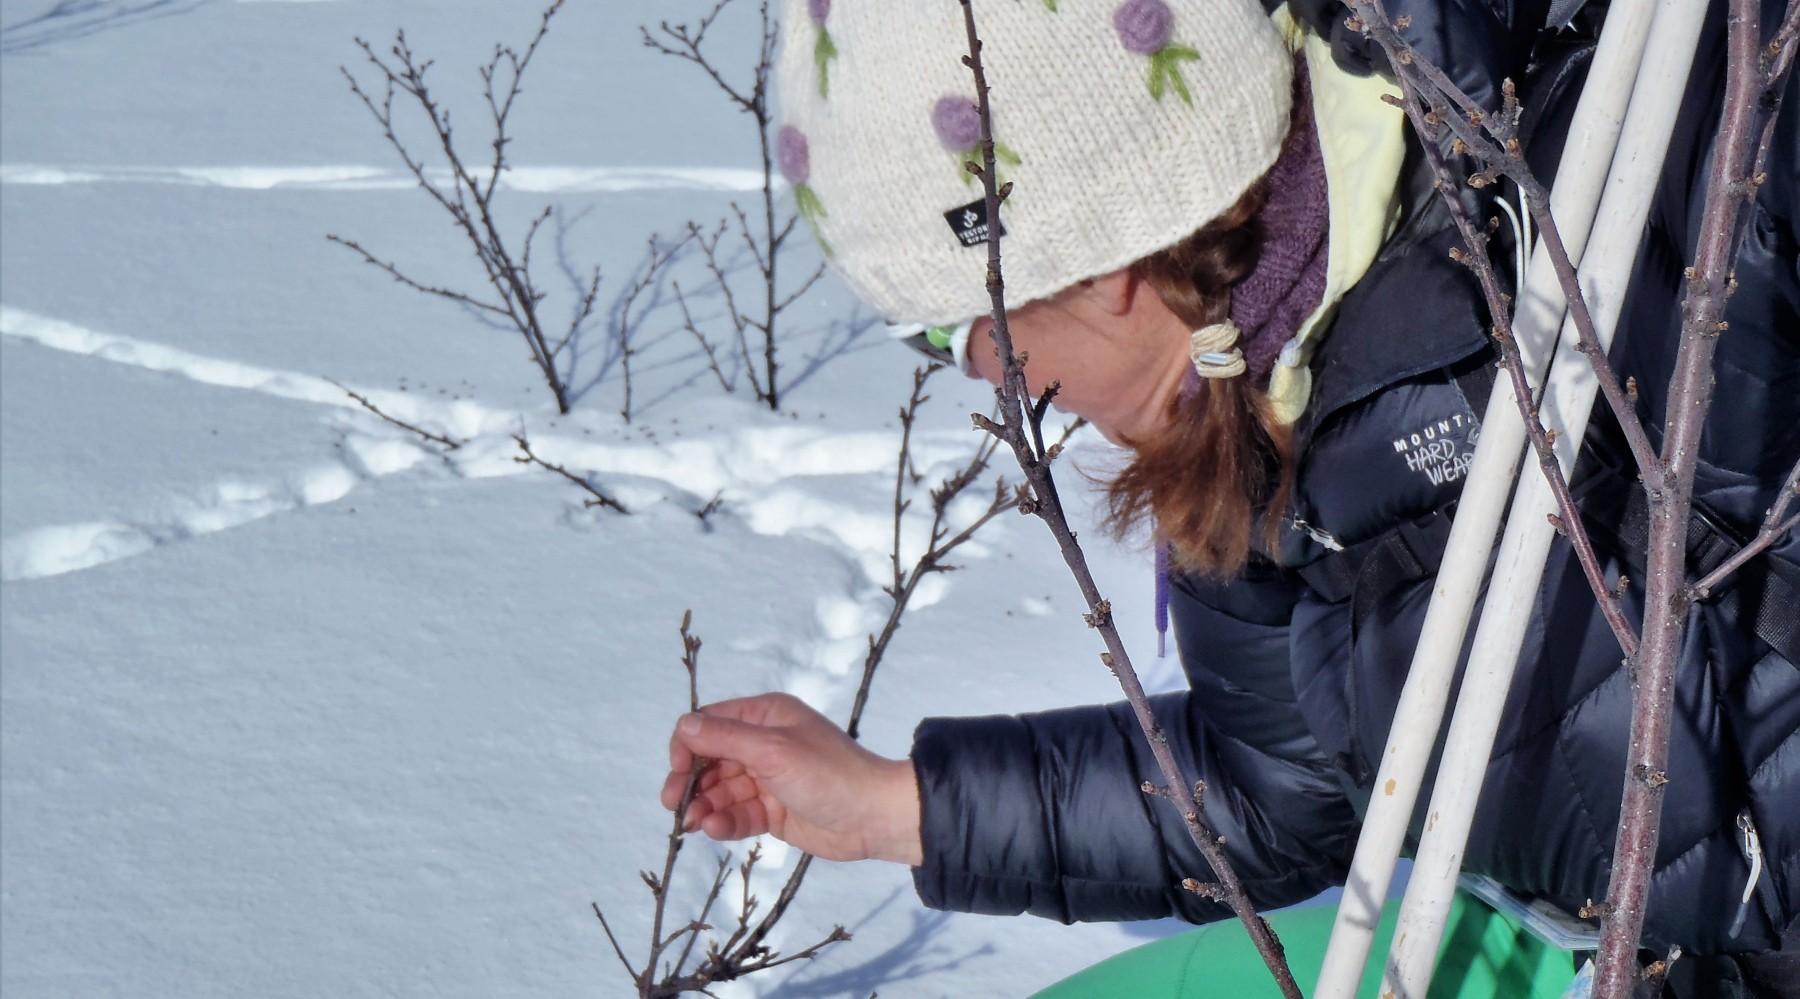 Skiwandern: Skilaufen in Norwegen (Bild)